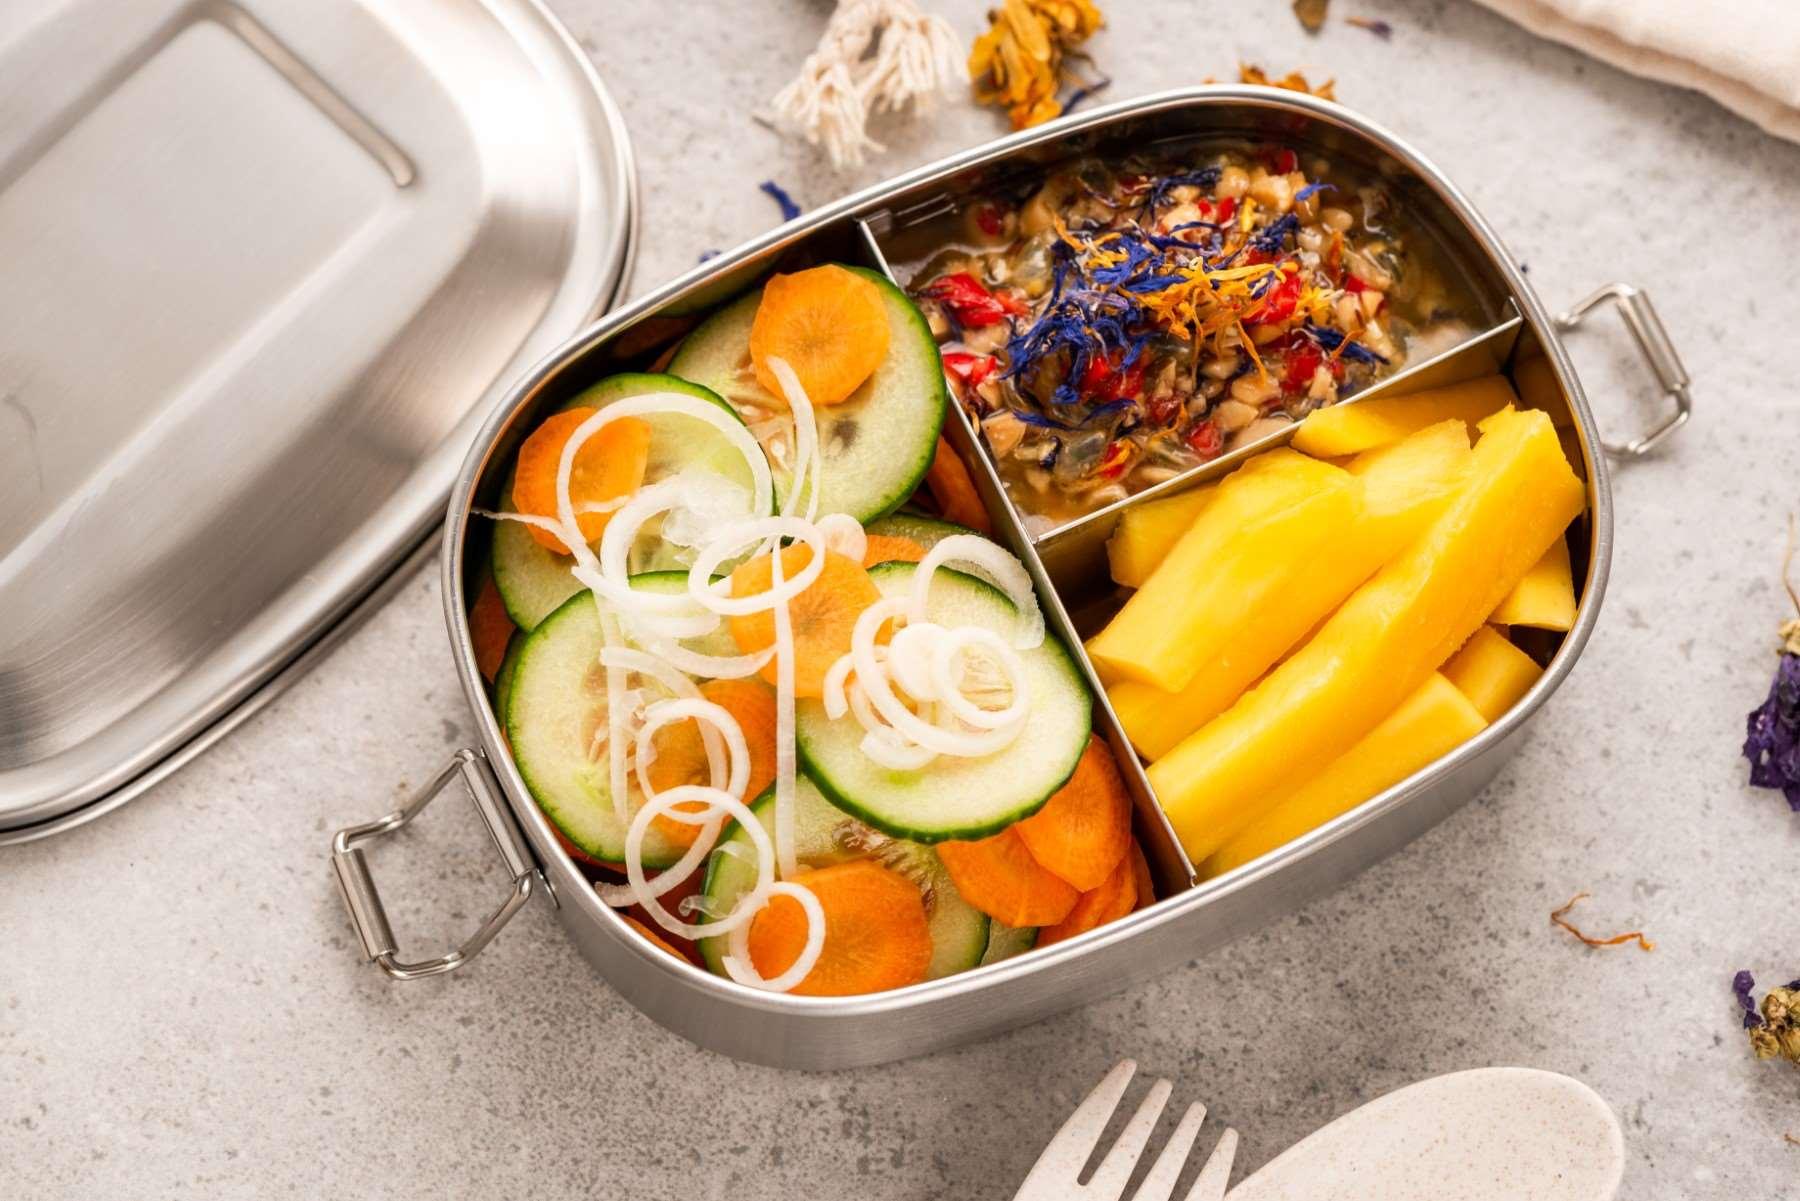 Posiłki w pracy – komu i ile ekwiwalentu należy się za jedzenie?